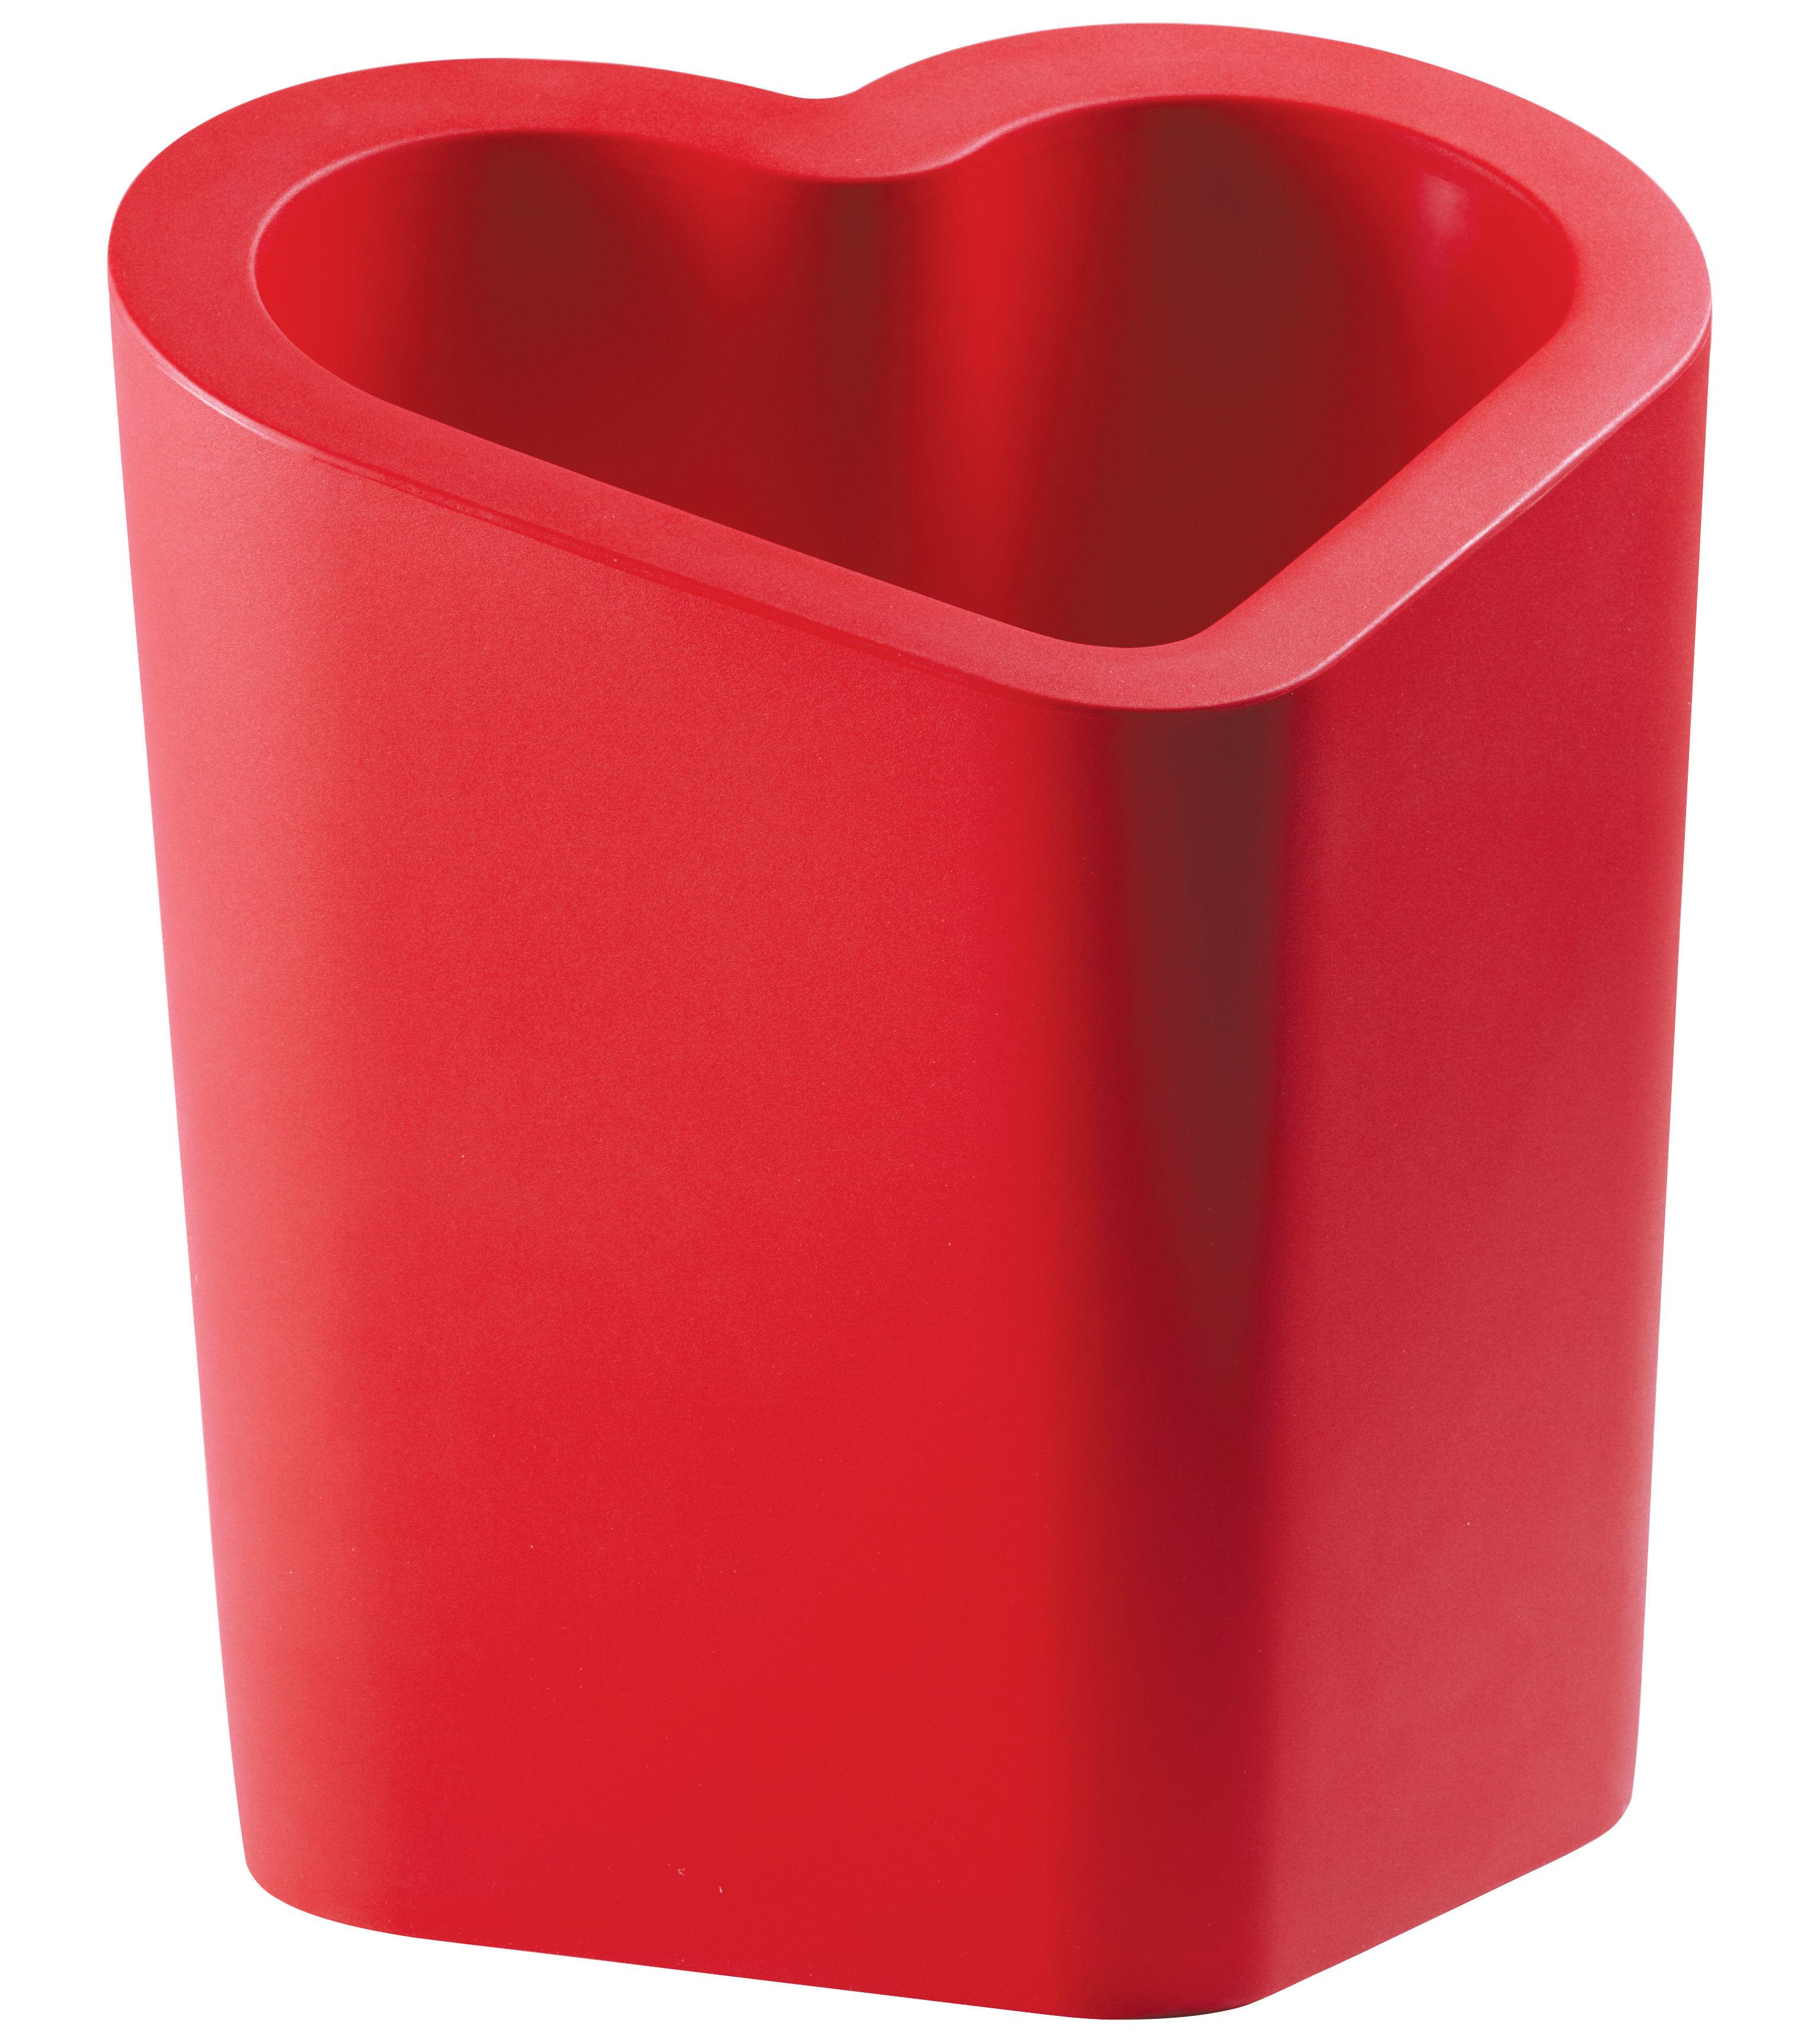 Outdoor - Vasi e Piante - Vaso per fiori Mon Amour di Slide - Rosso - polyéthène recyclable